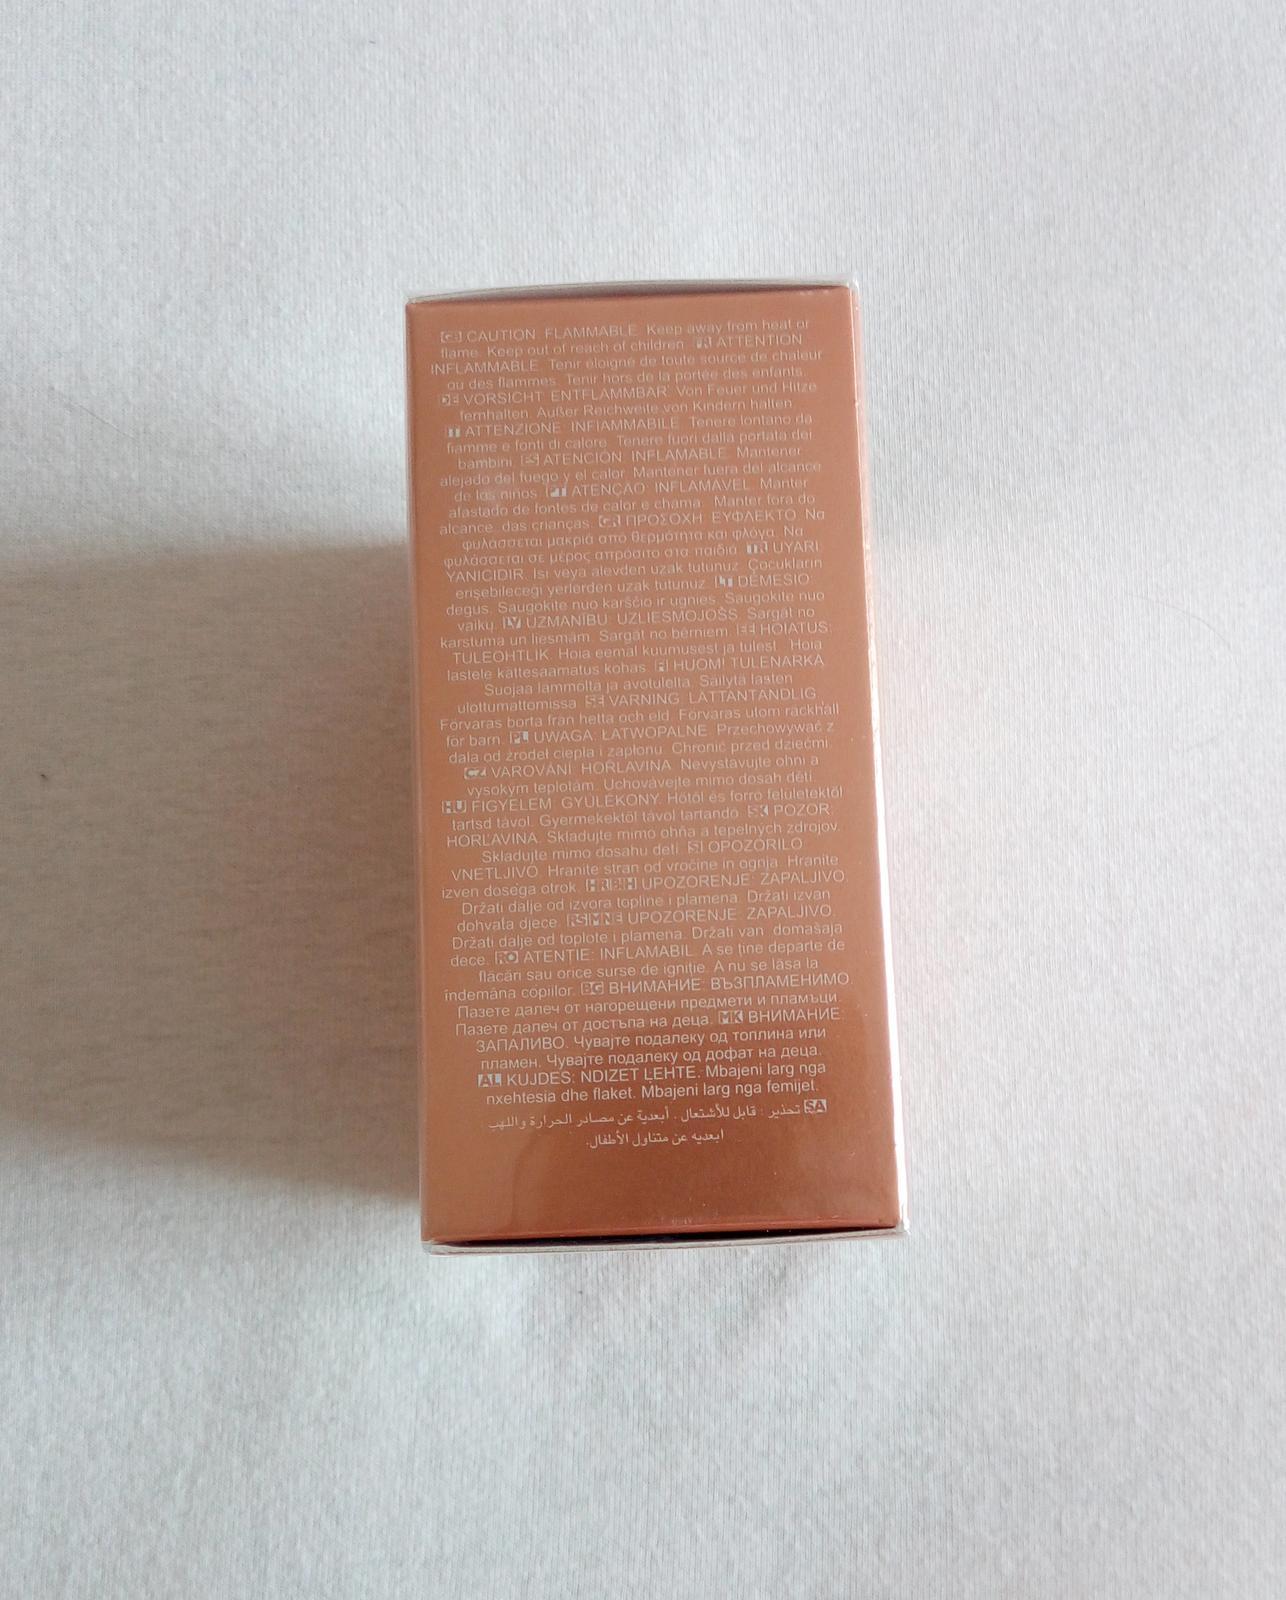 Parfém Avon Tomorrow, 50 ml - Obrázok č. 3